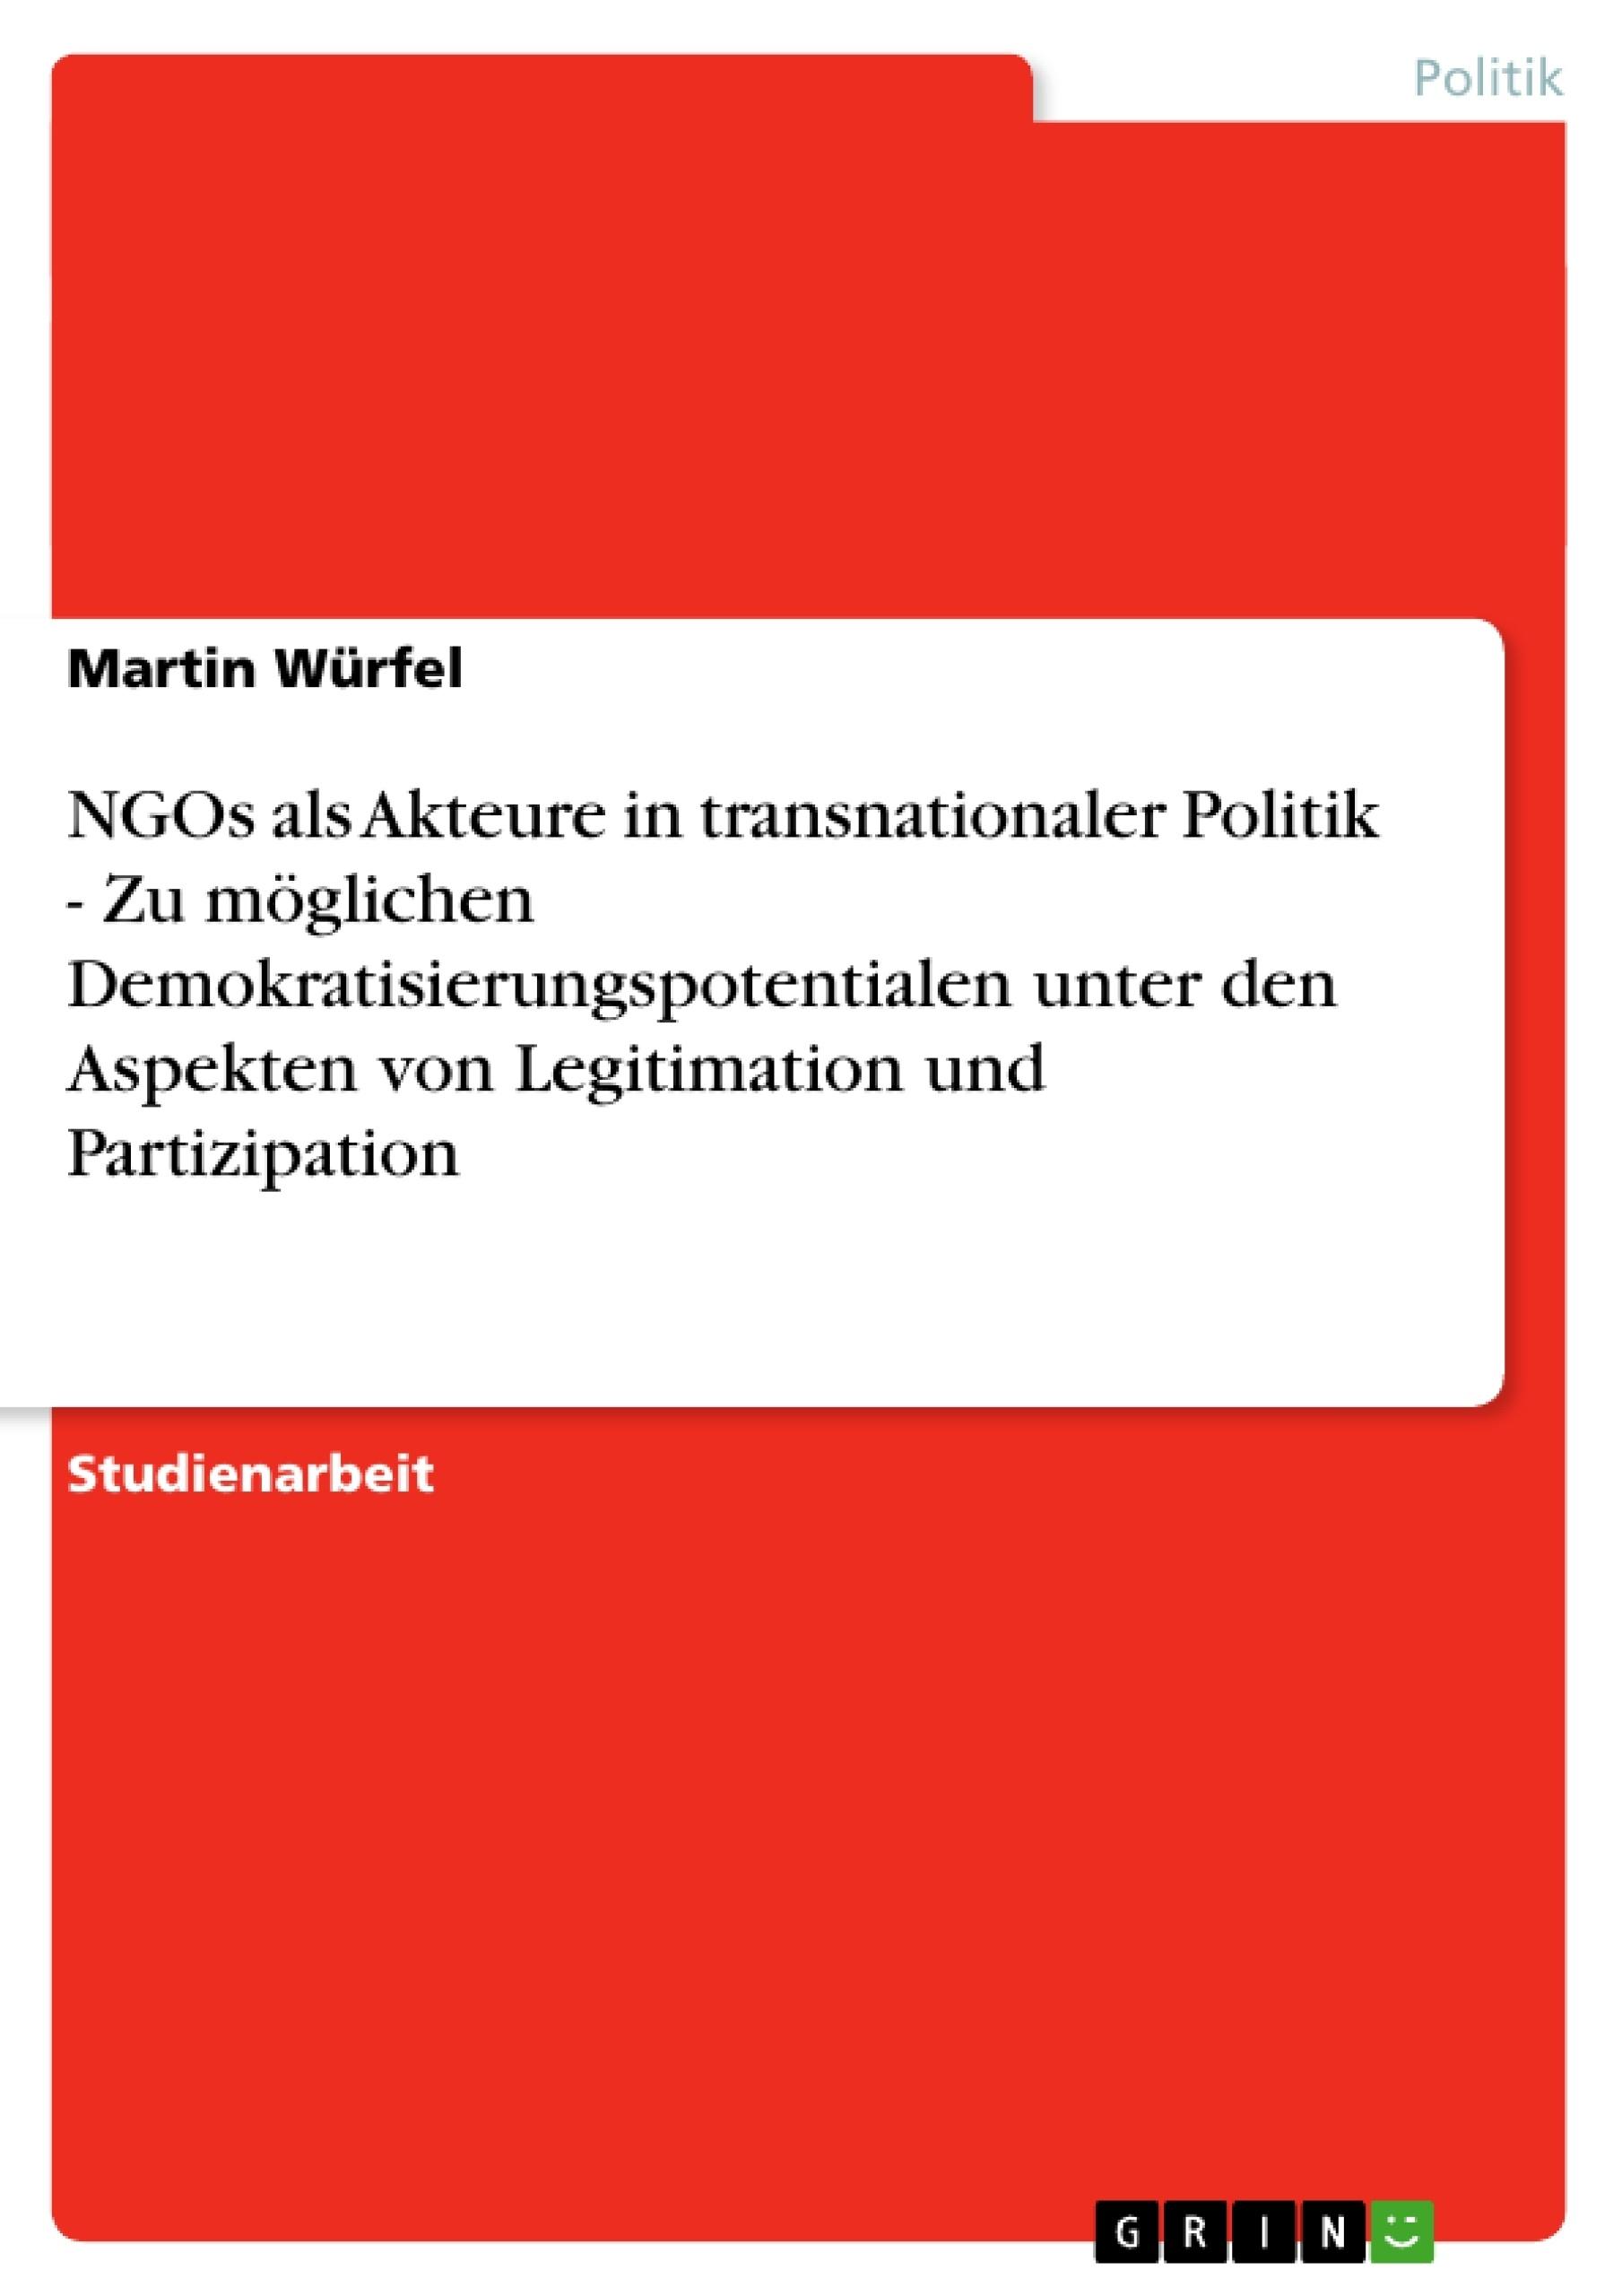 Titel: NGOs als Akteure in transnationaler Politik - Zu möglichen Demokratisierungspotentialen unter den Aspekten von Legitimation und Partizipation